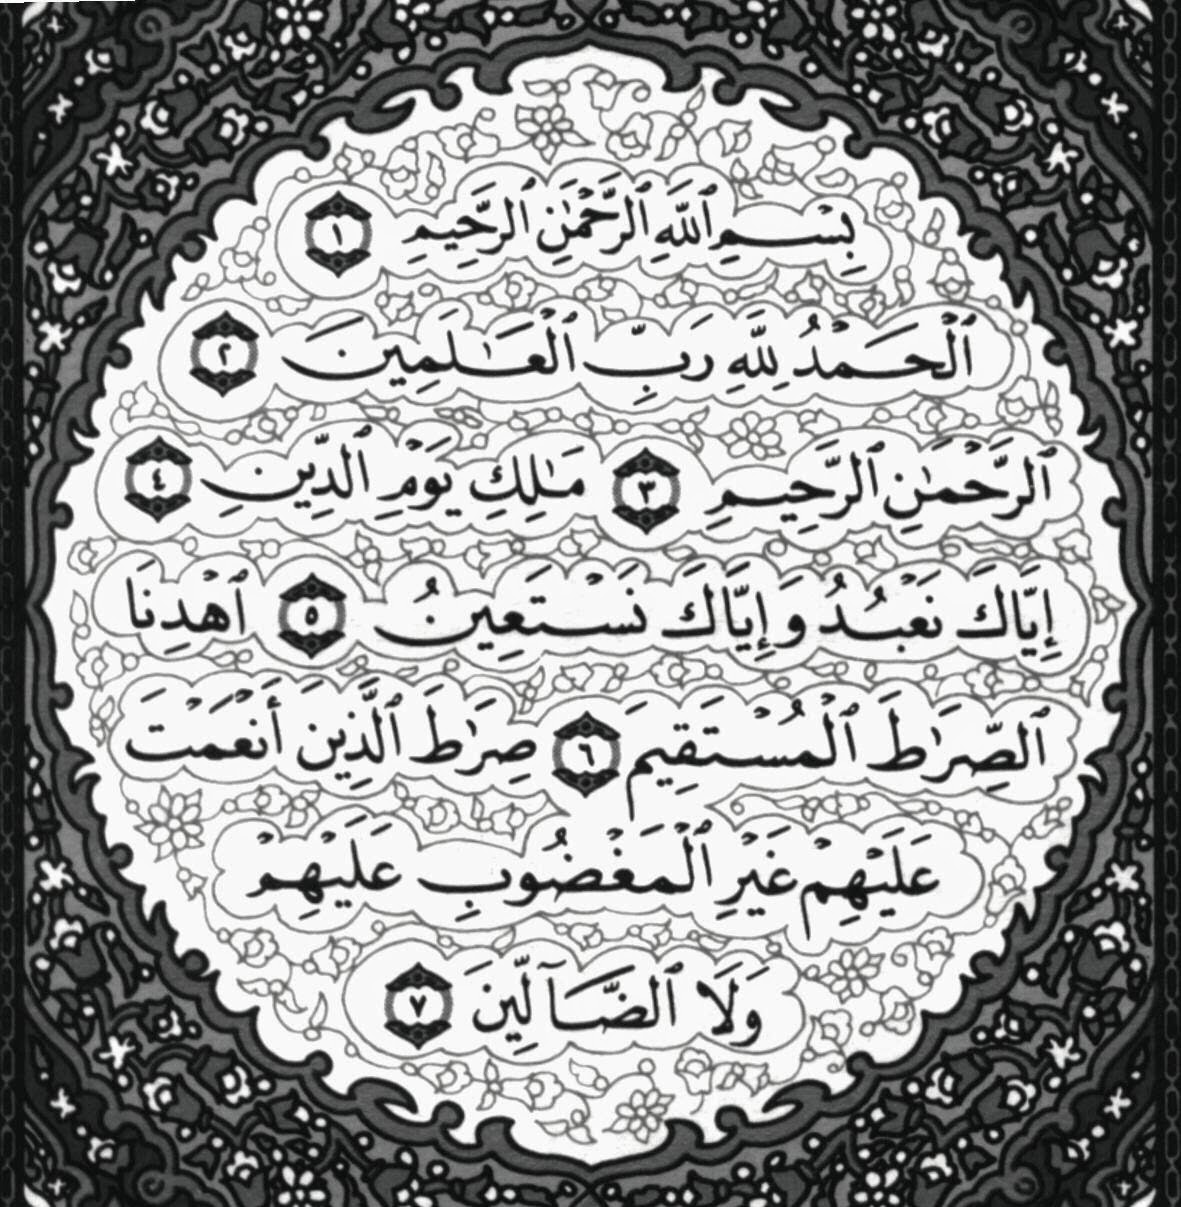 Al-Fatihah ayat Al-Quran